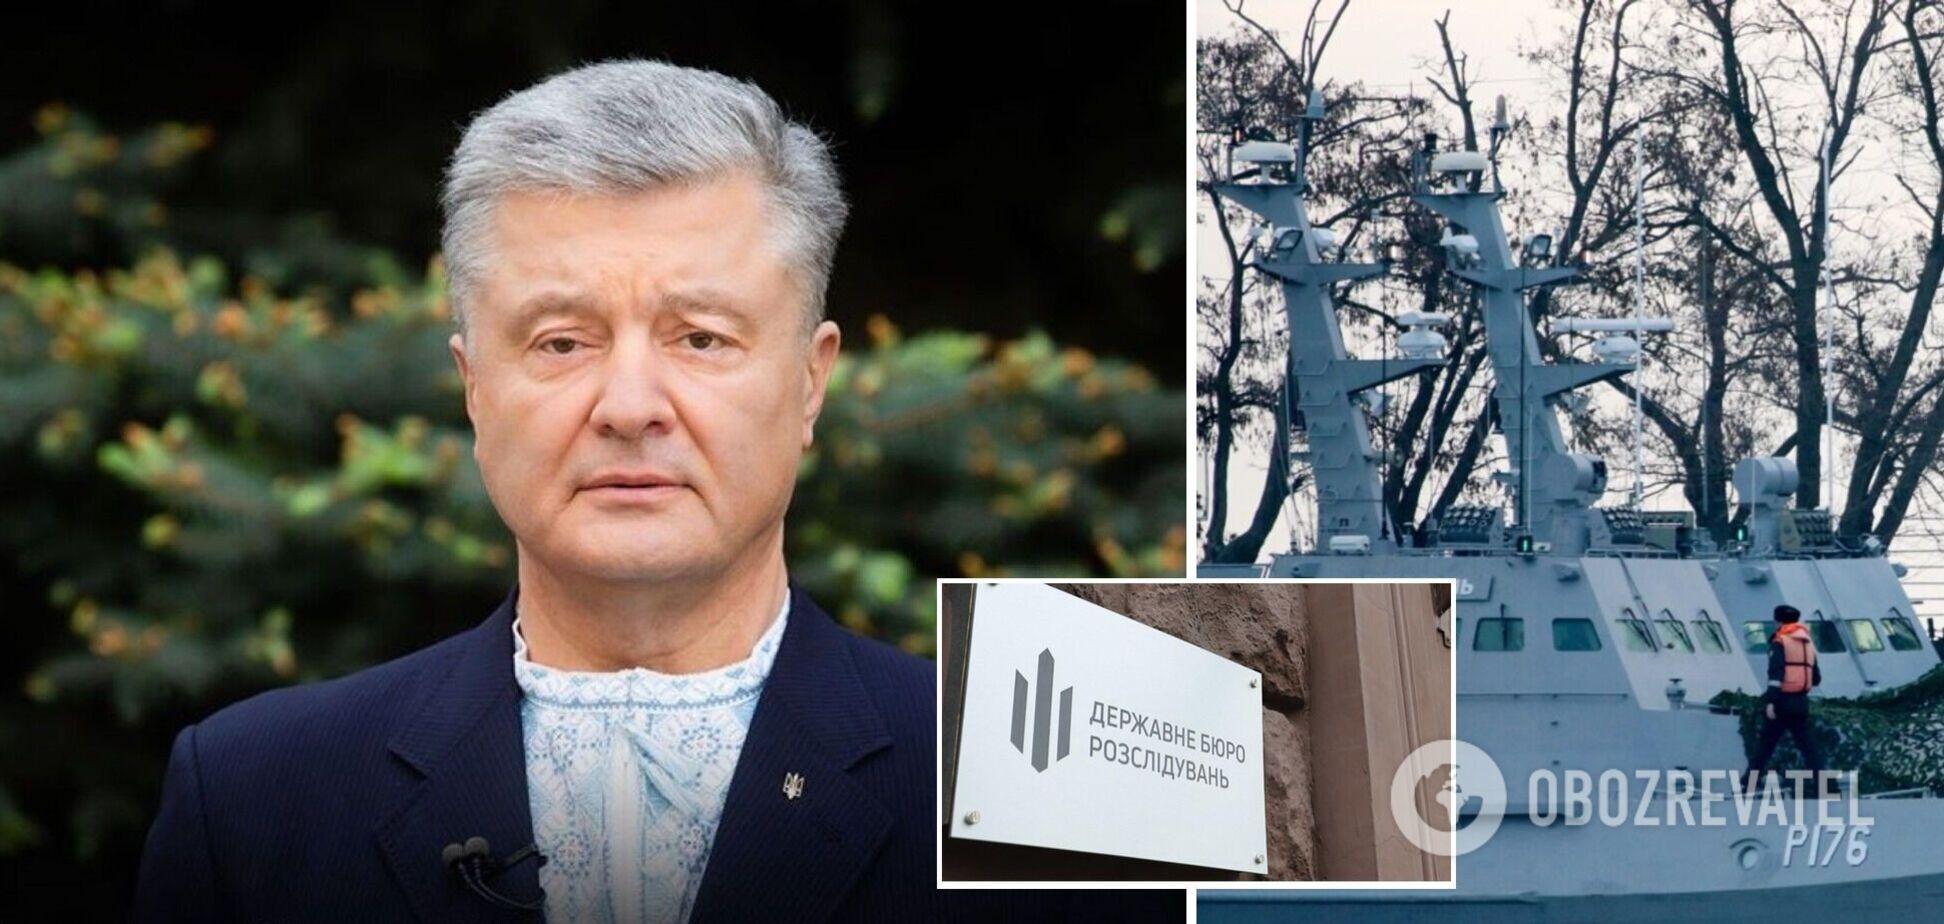 ГБР подыгрывает России по 'делу моряков', сфабрикованному против Порошенко, – Головань